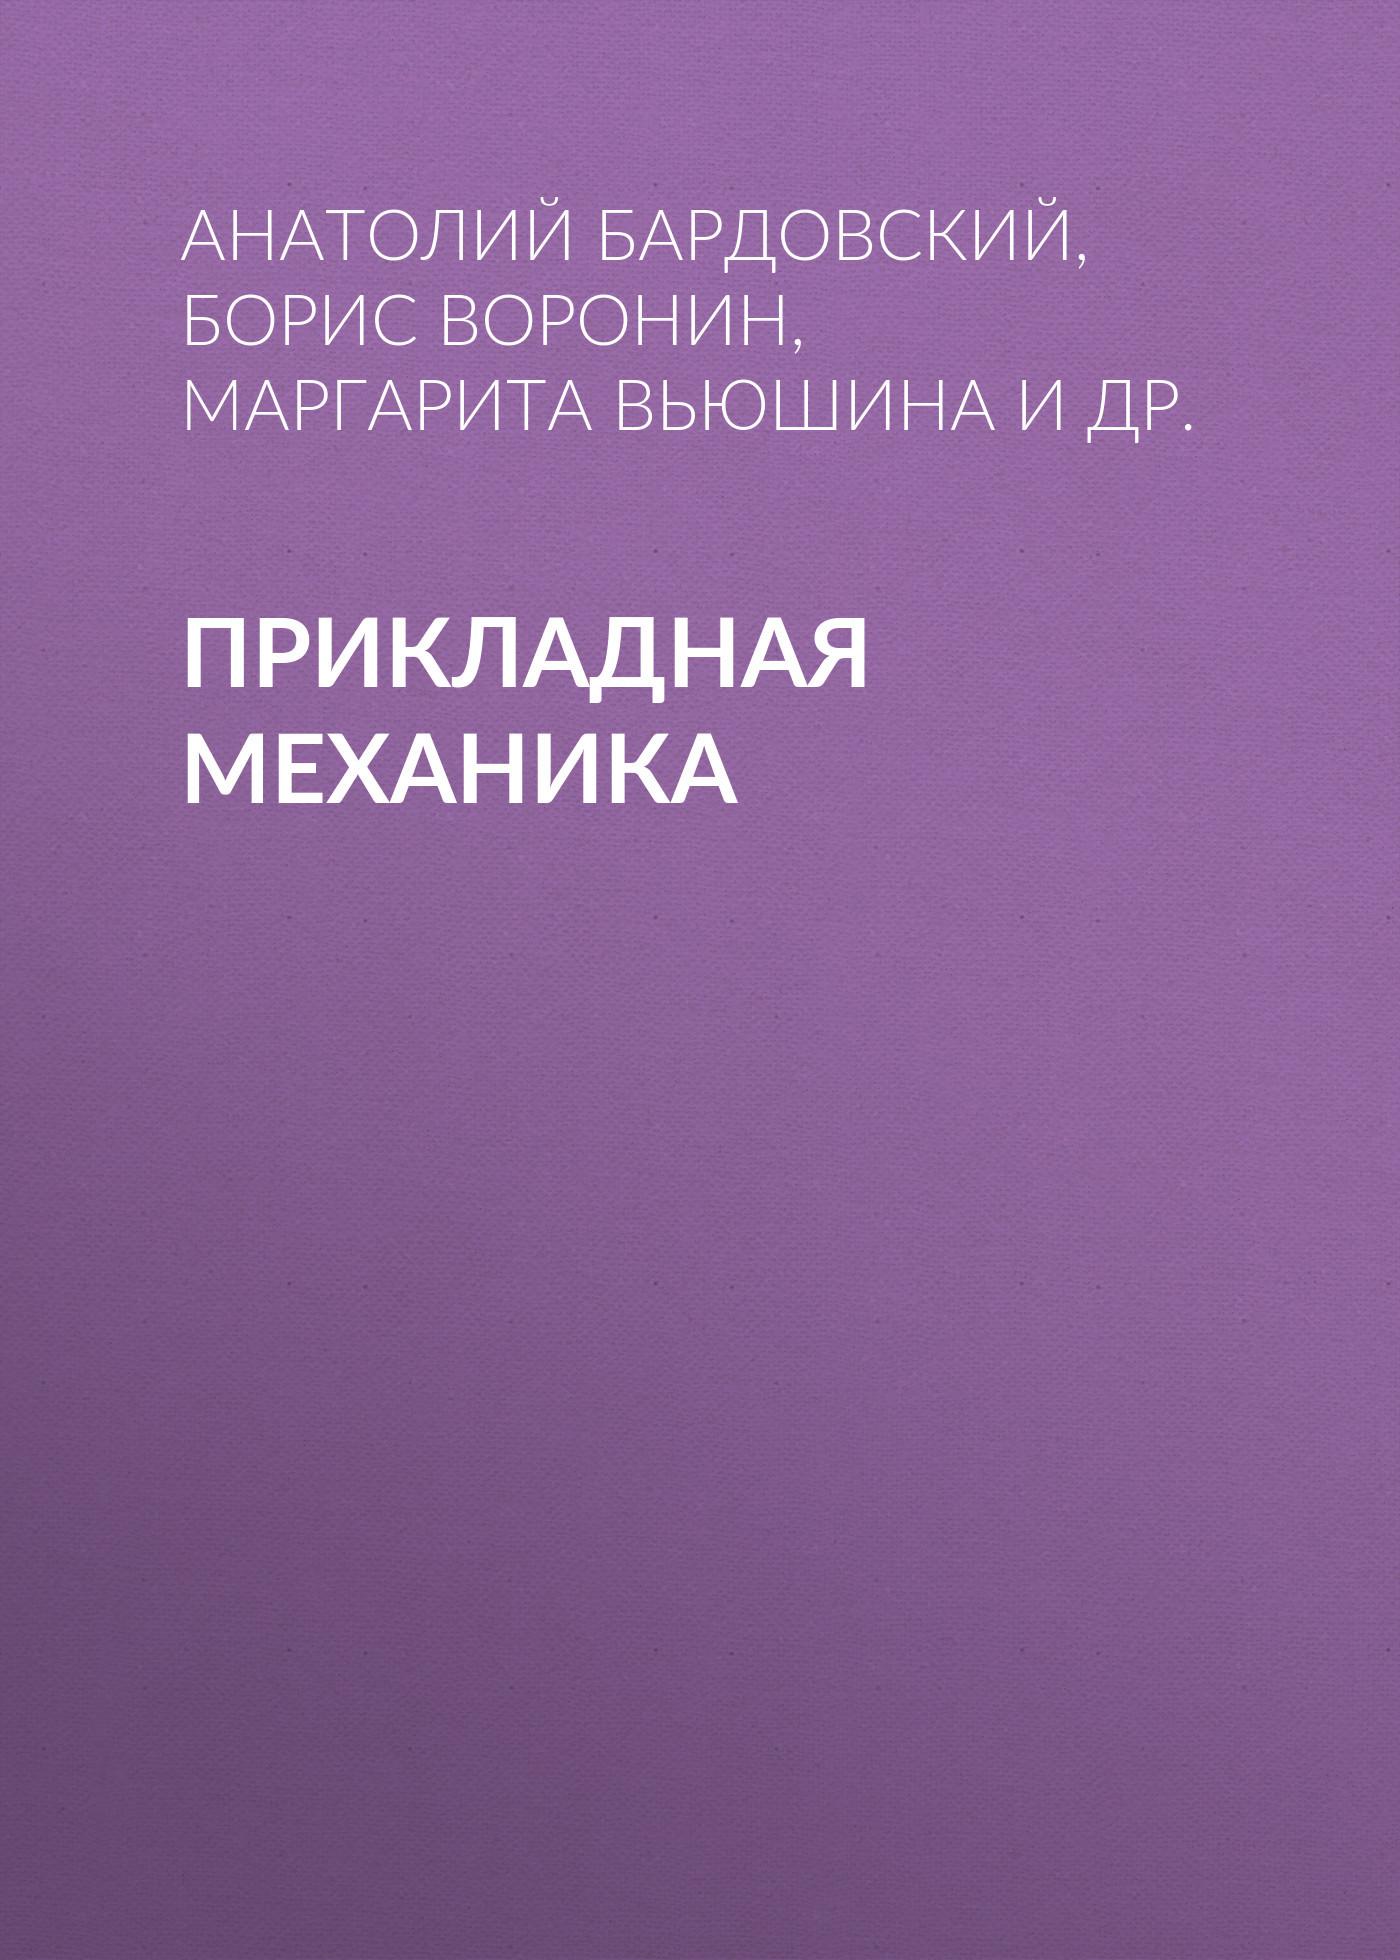 Маргарита Вьюшина Прикладная механика джули старр полное руководство по методам принципам и навыкам персонального коучинга